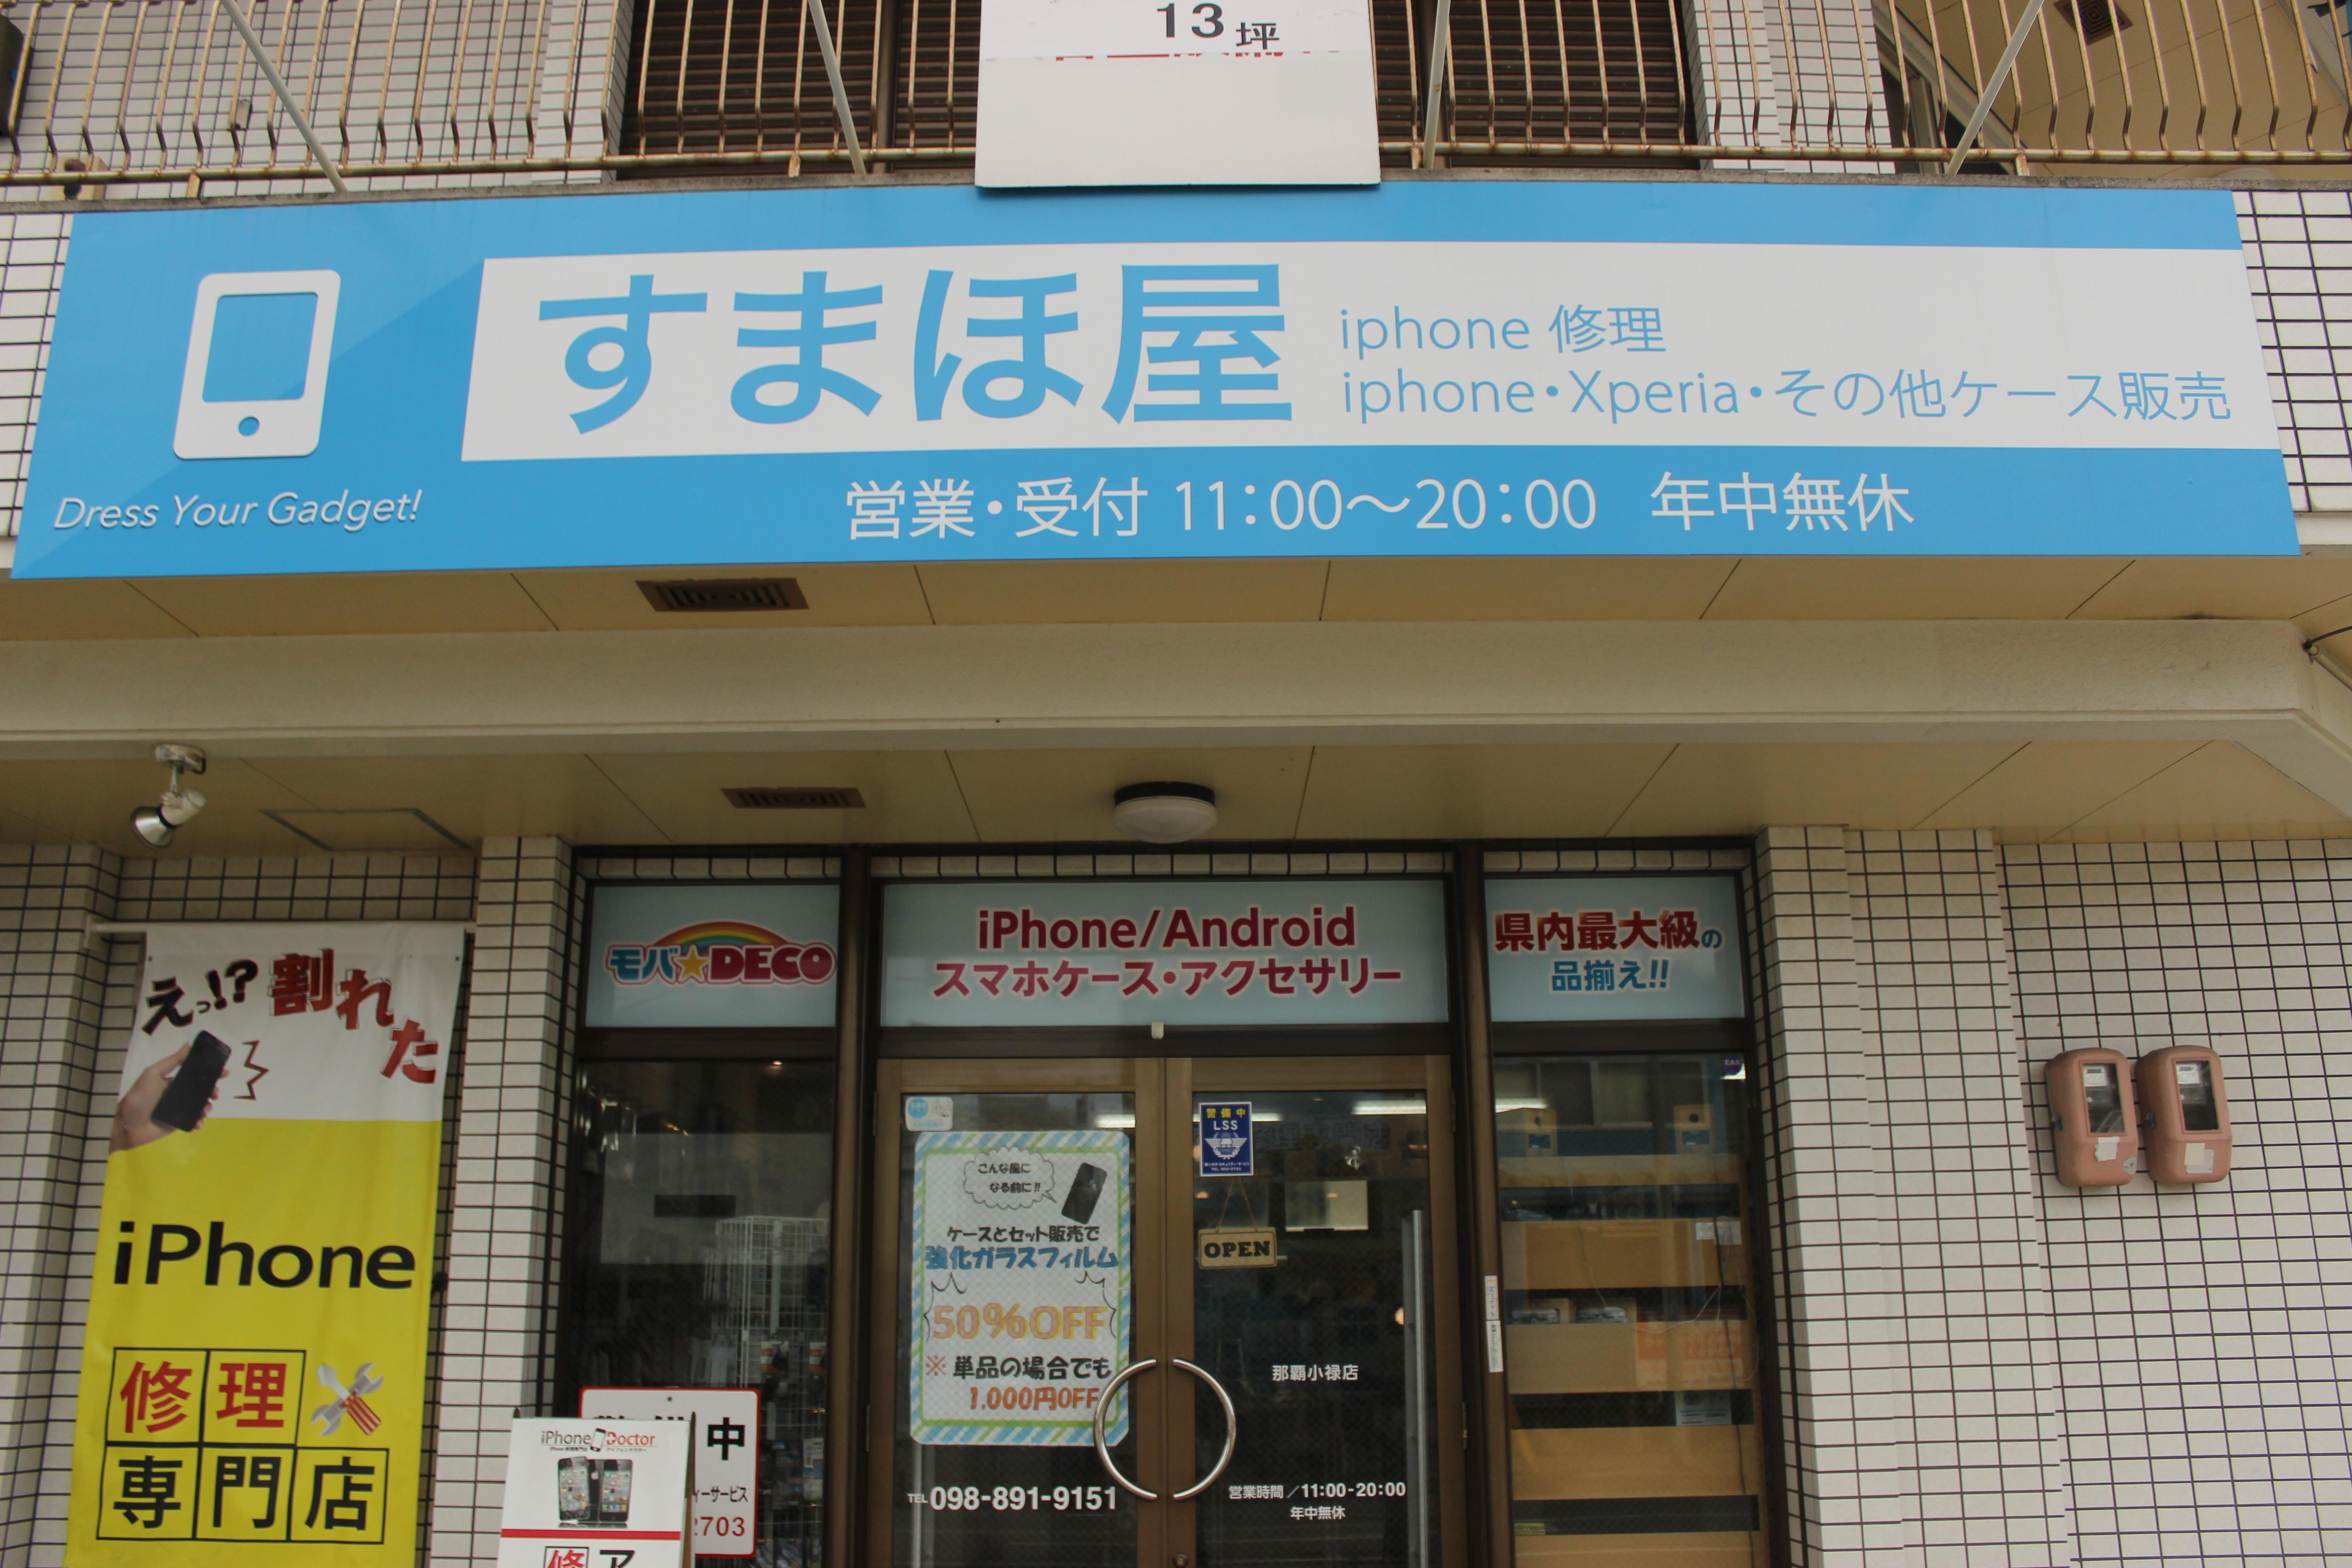 沖縄・那覇の格安iphone修理 スマホ画面修理 スマホ・iphone